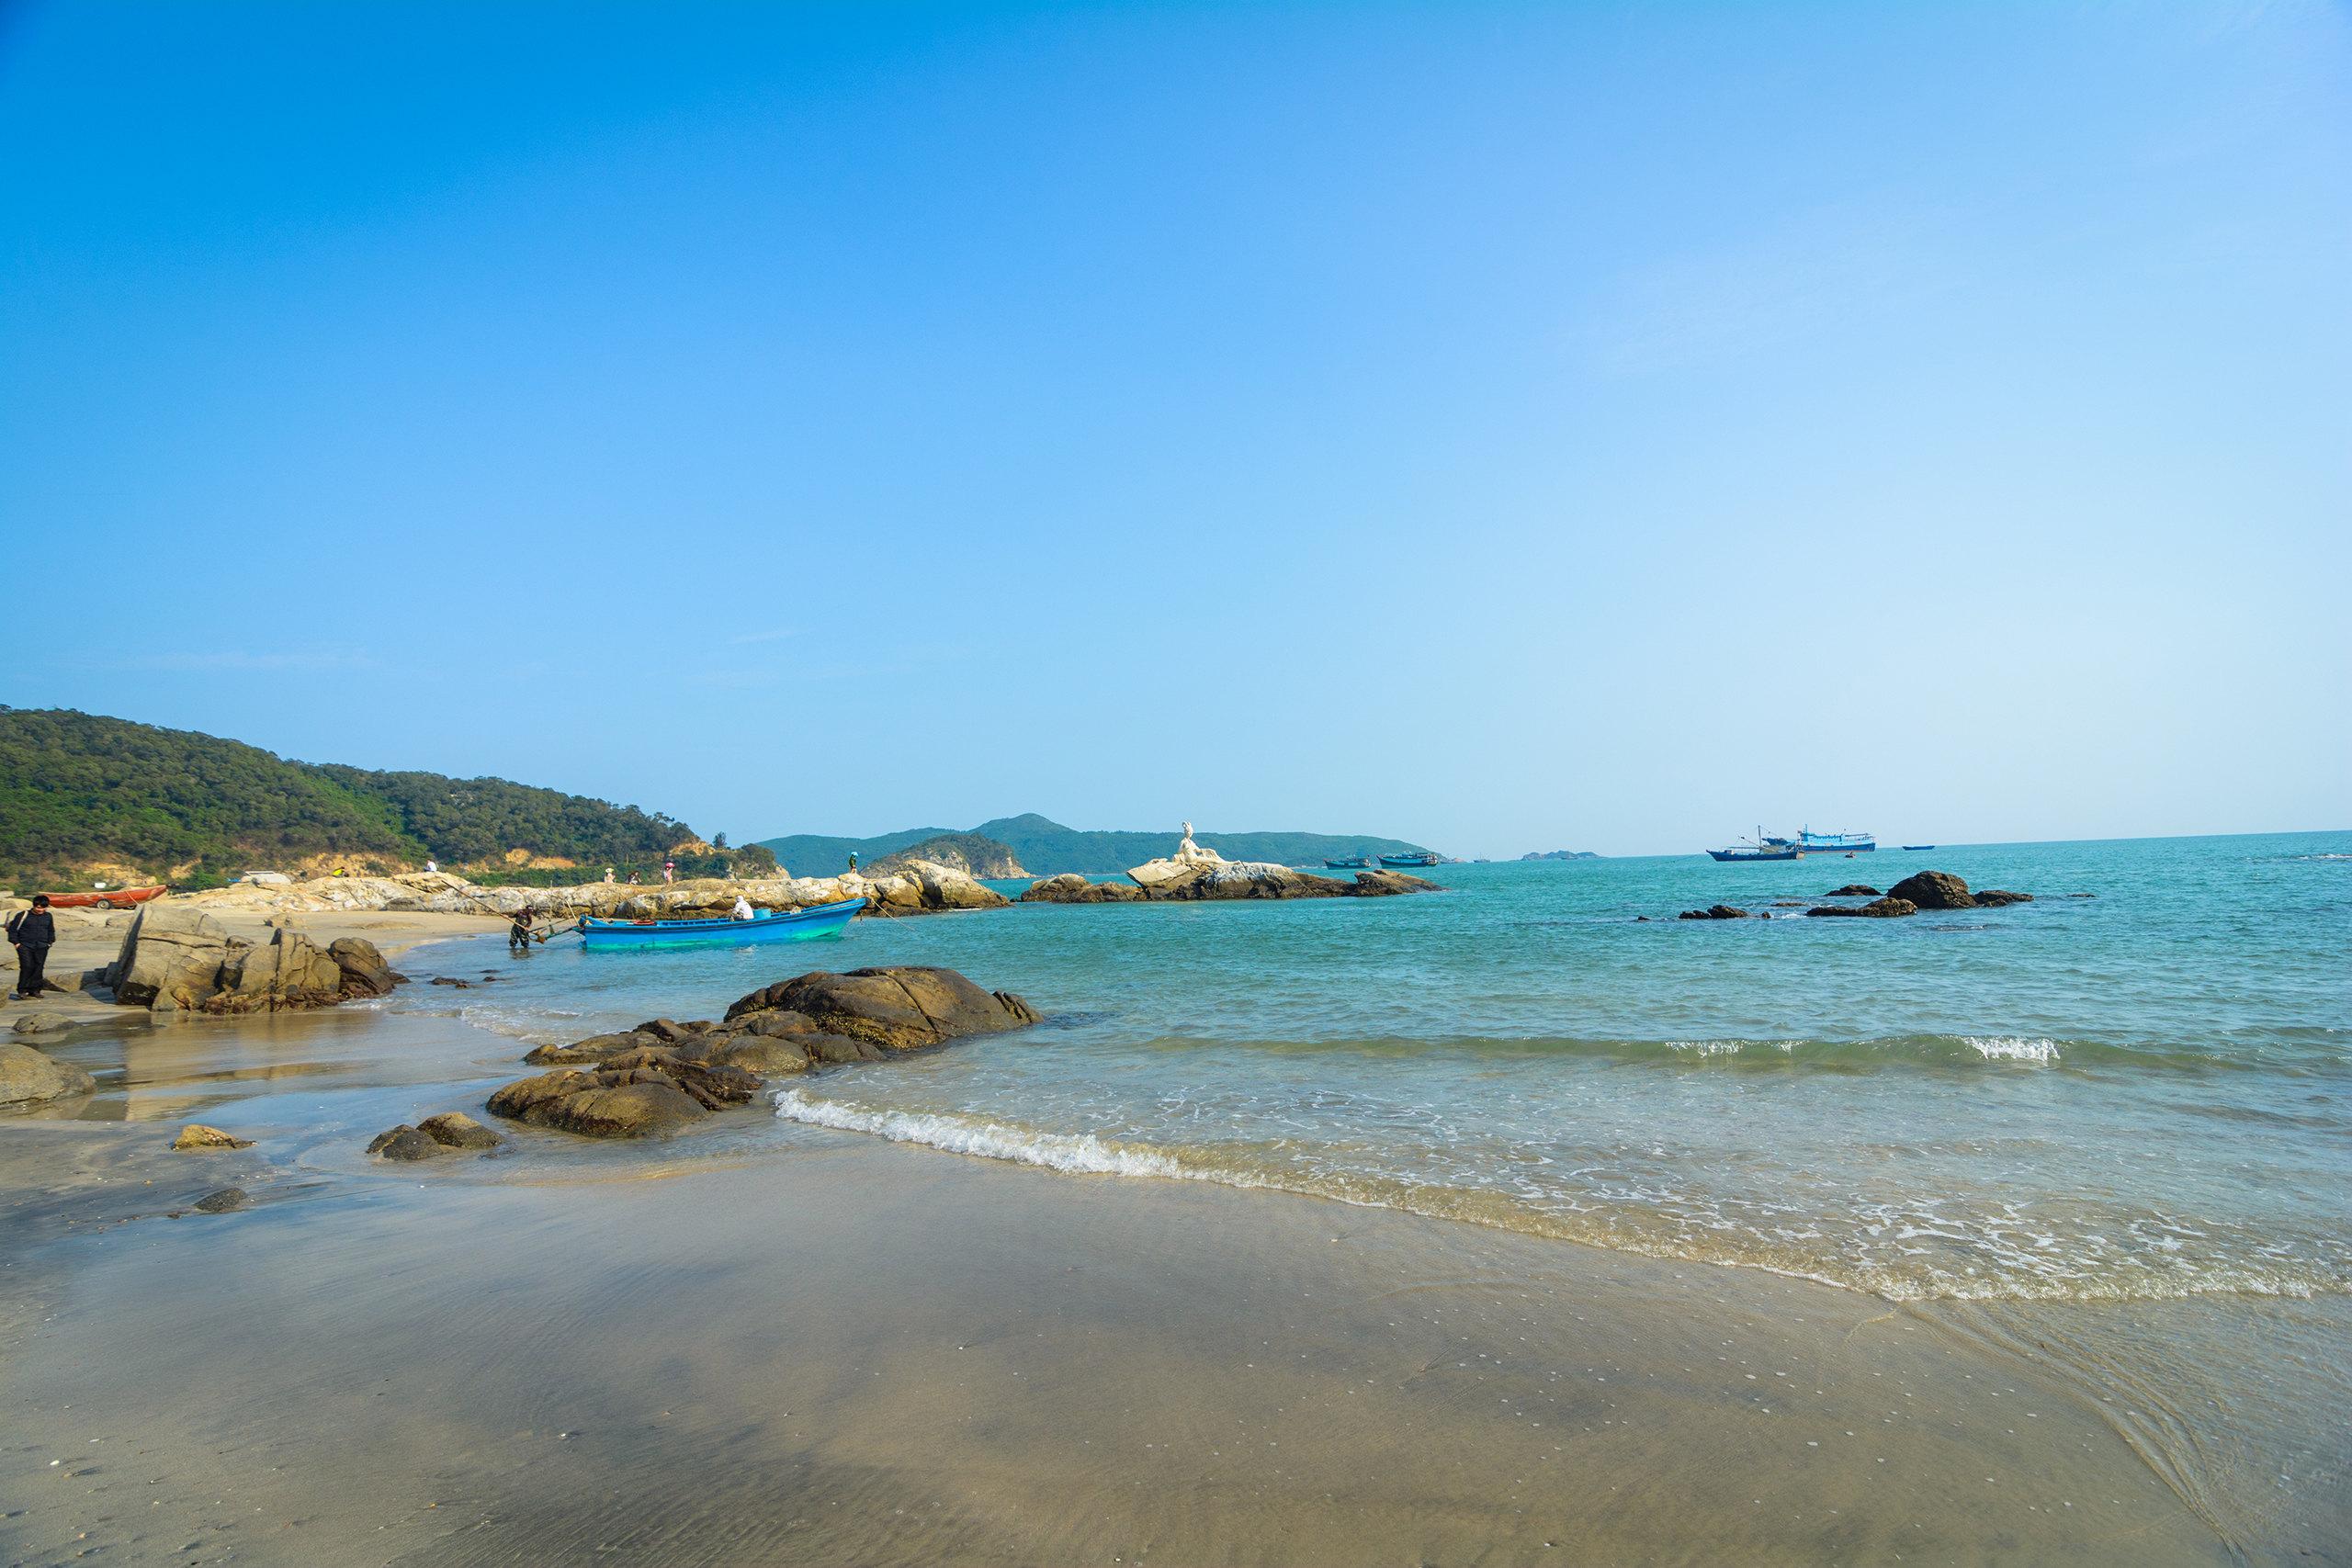 下川島王府洲旅遊度假區門票